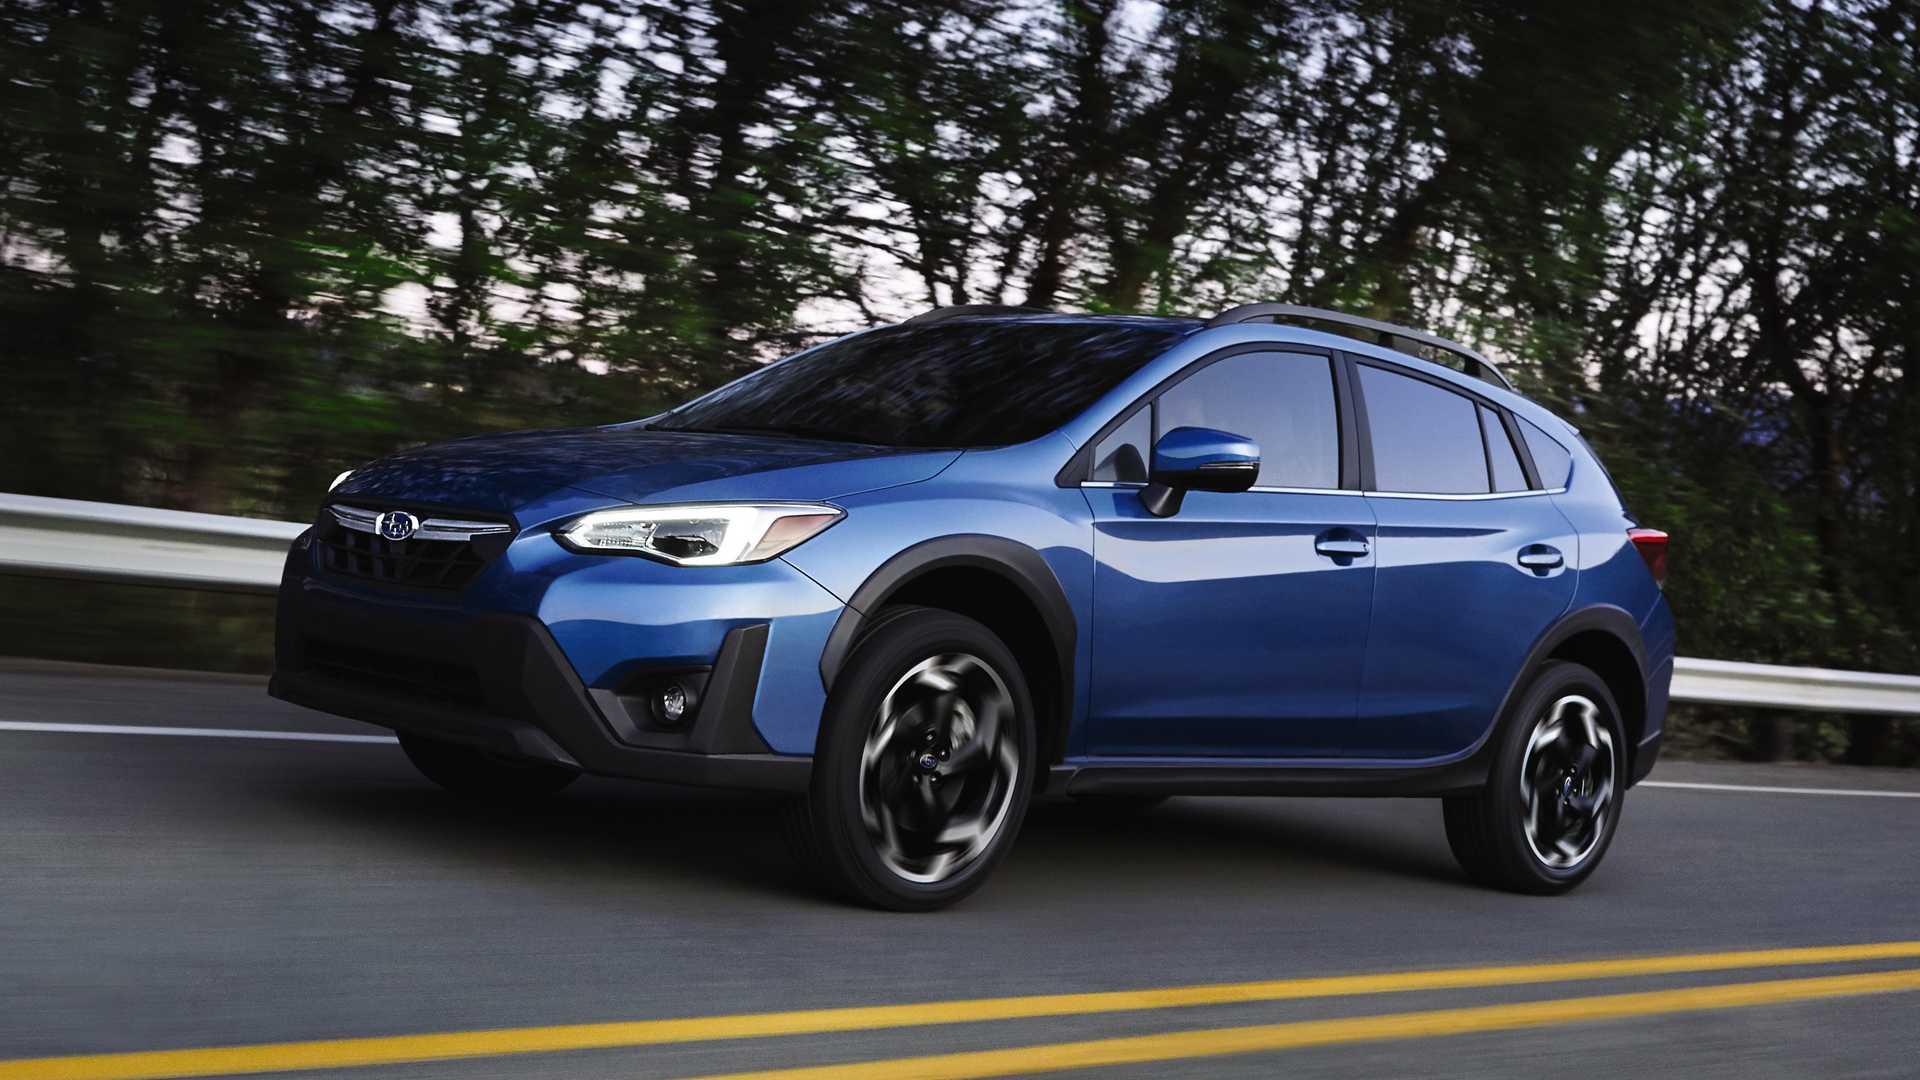 前浪汽车:2021年斯巴鲁Crosstrek的定价显示仅增加了100美元